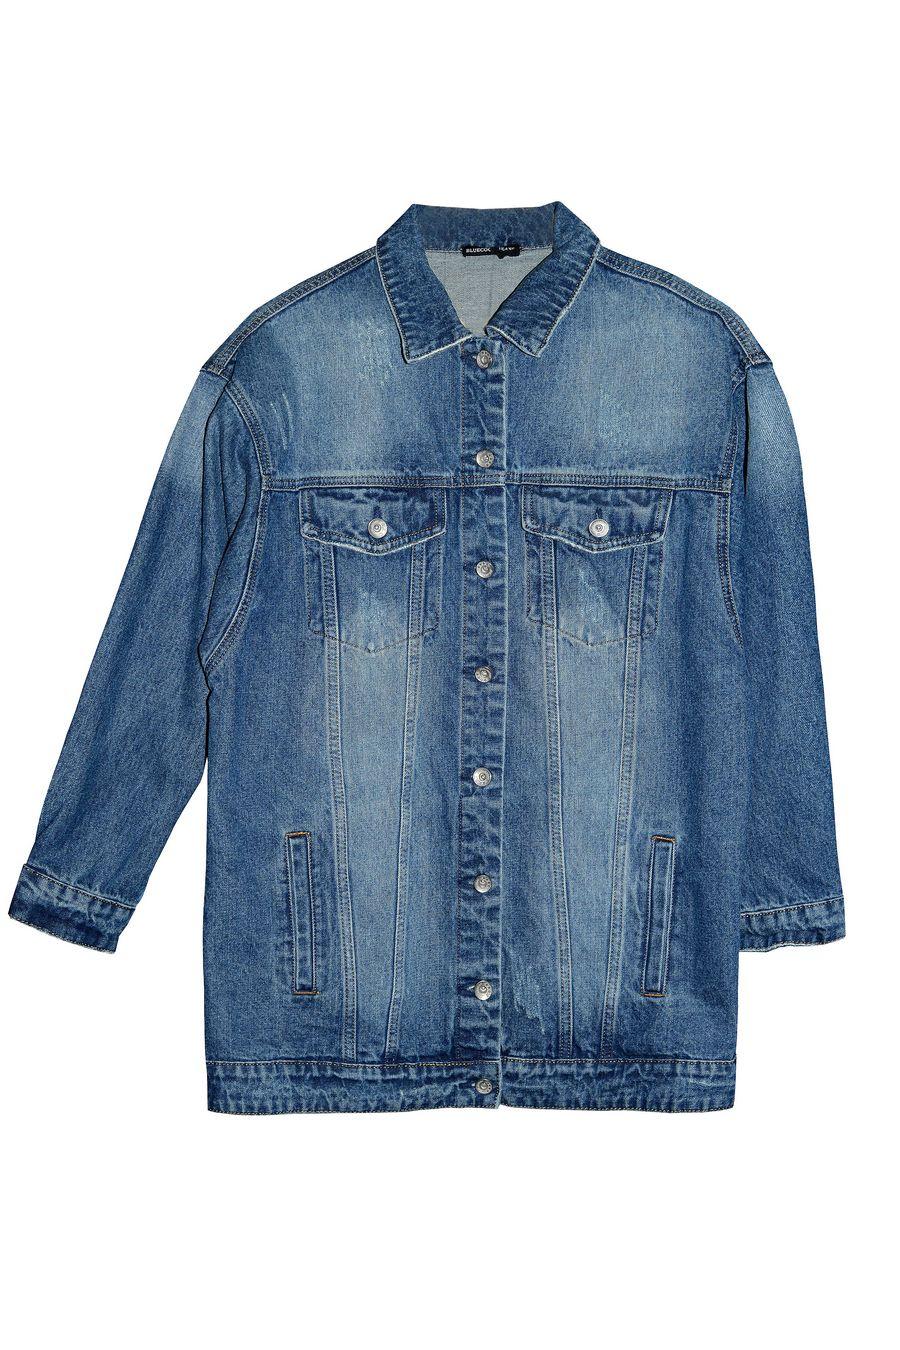 Пиджак женский (джинсовка) Blue Coco 118 - фото 1